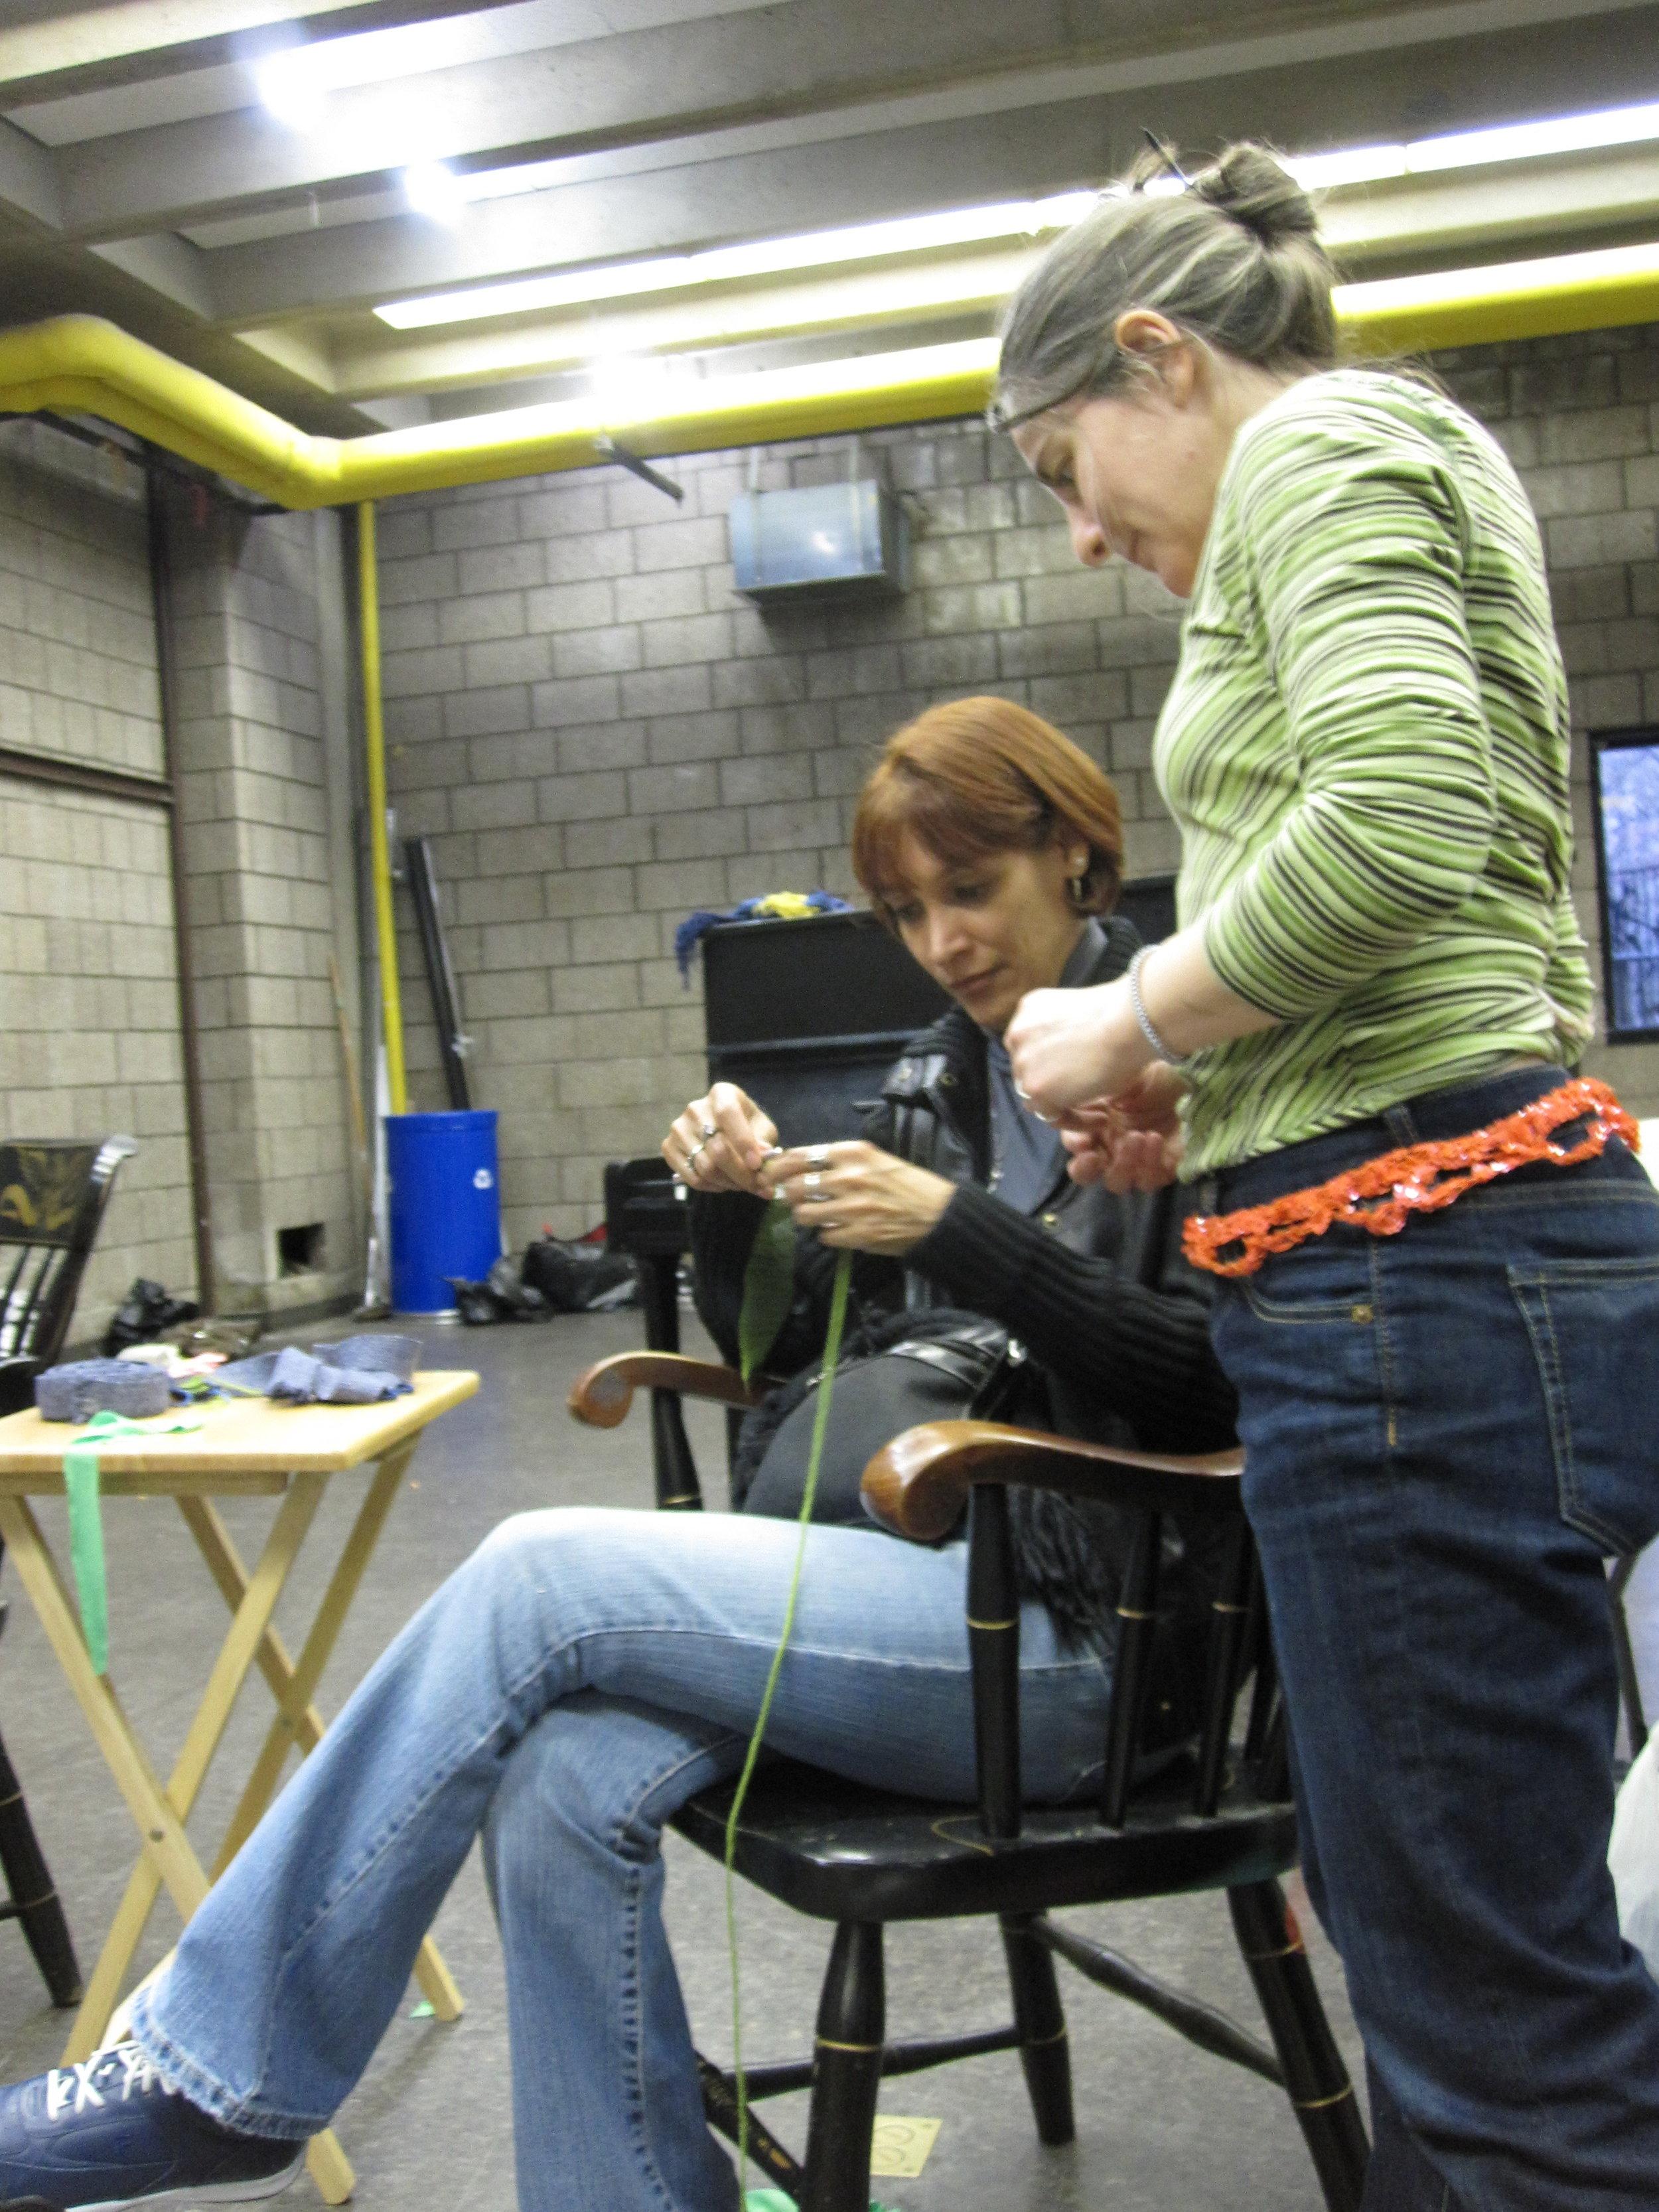 knittingmarathon10_4314491791_o.jpg